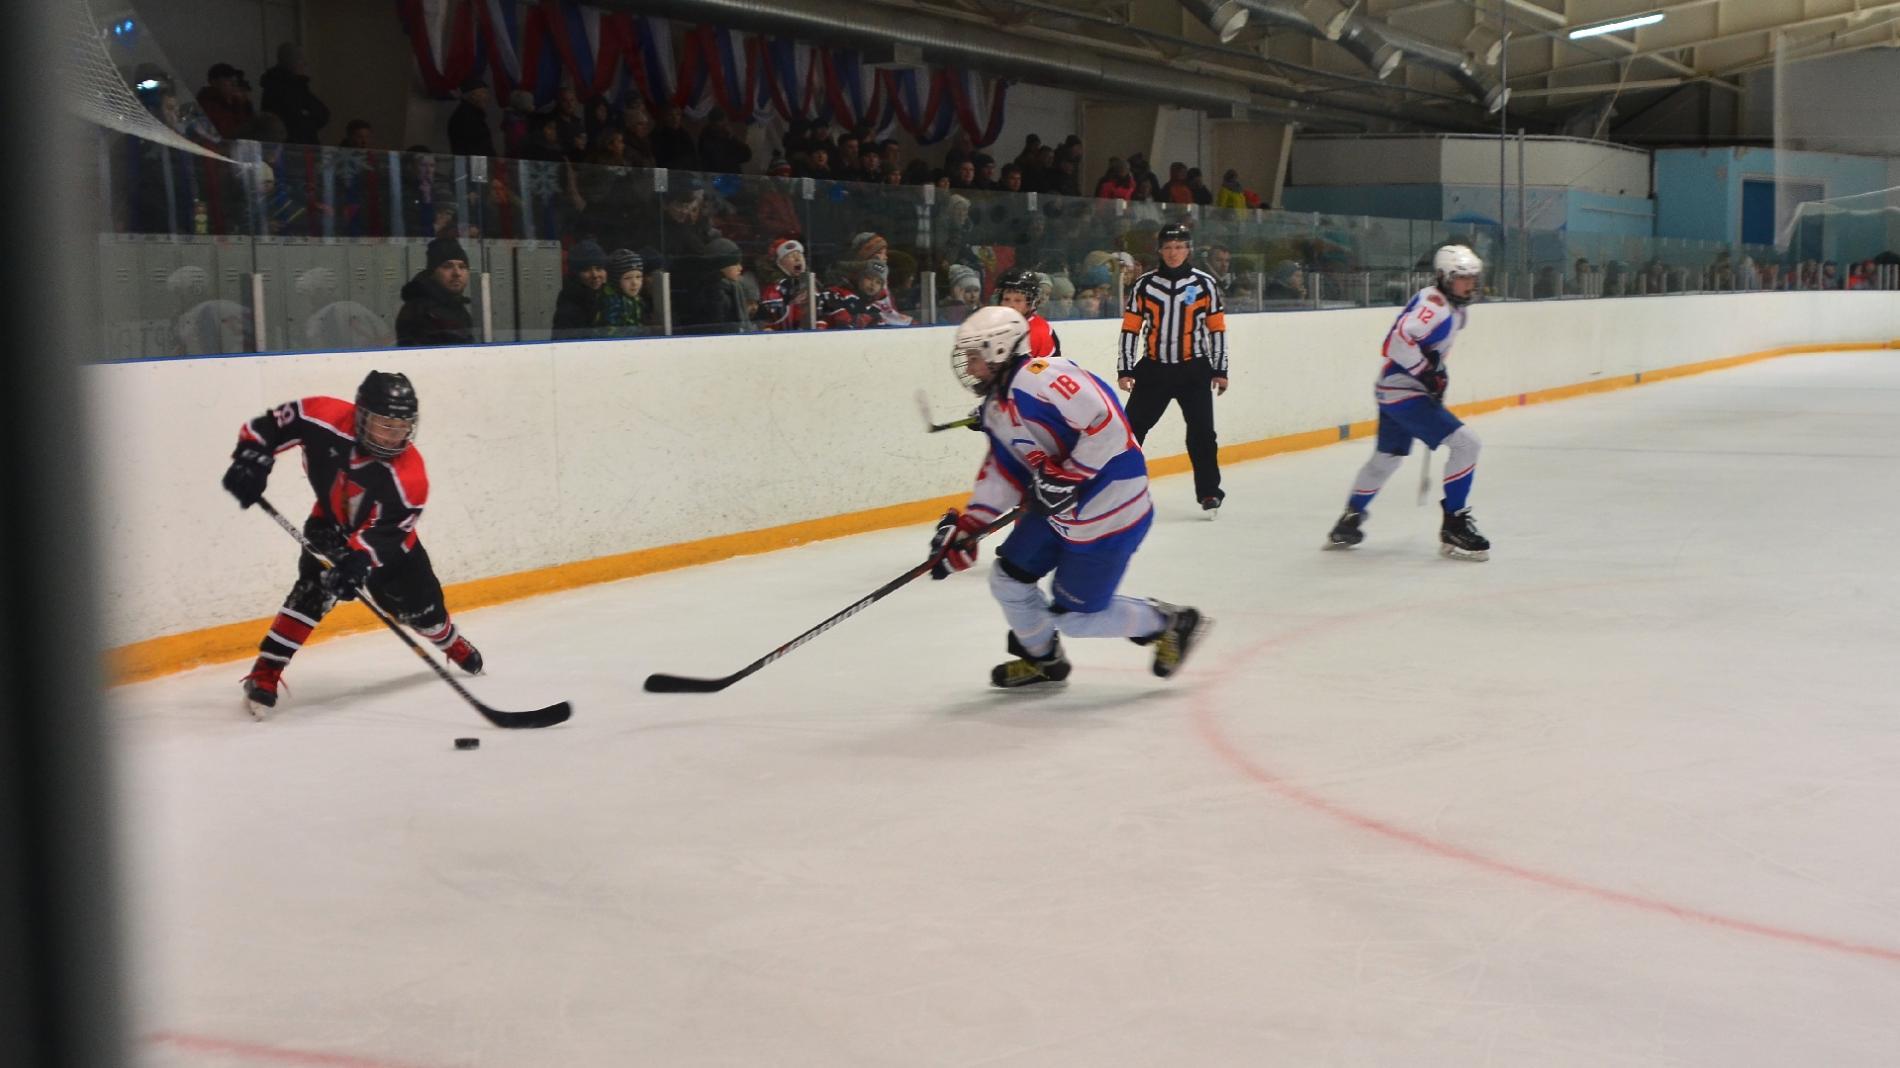 ВДмитрове стартовал финал Всероссийского турнира «Золотая шайба»